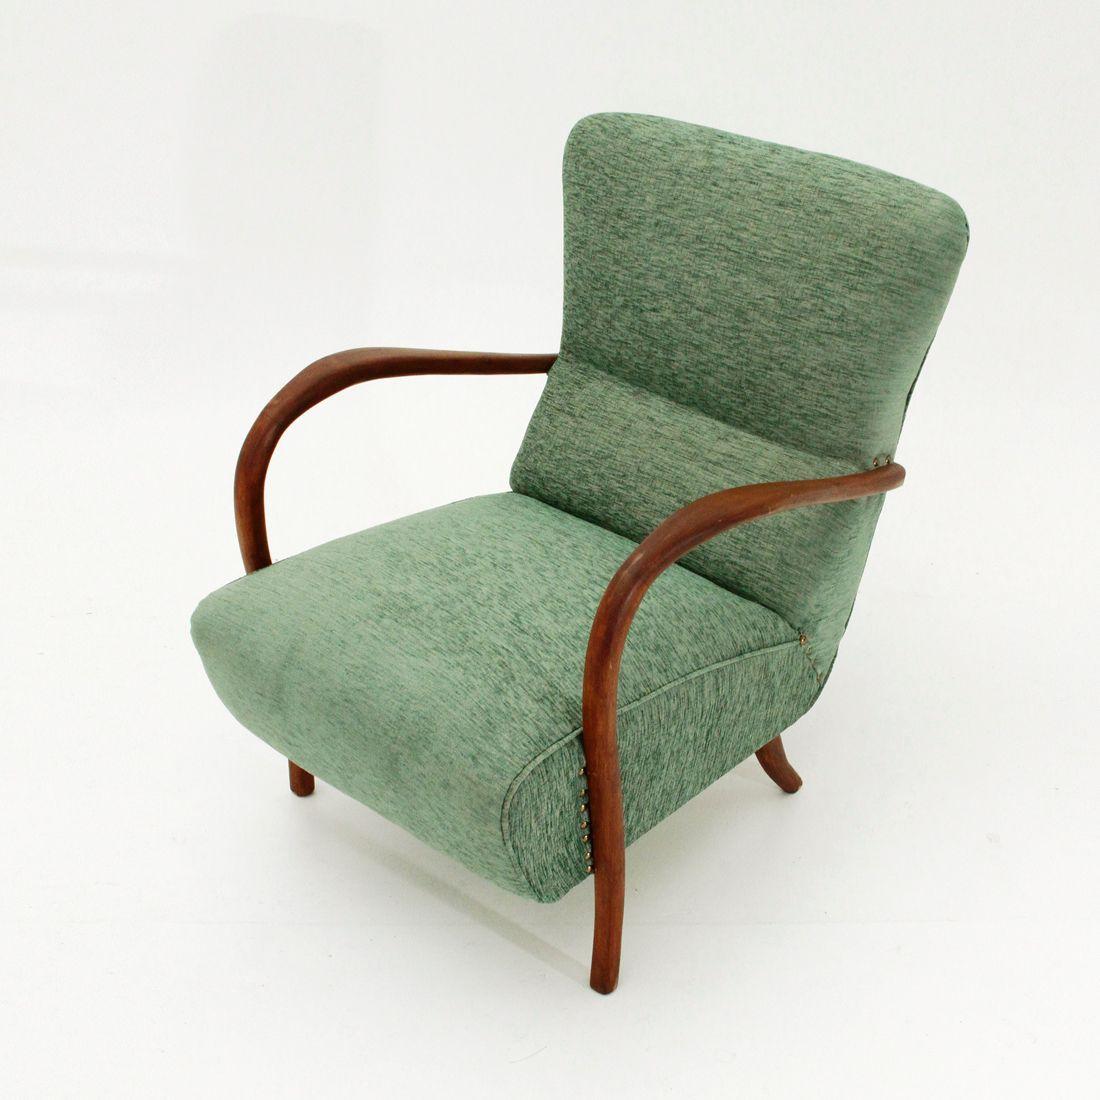 Sessel Aus Holz italienischer sessel mit armlehnen aus holz 1940er bei pamono kaufen